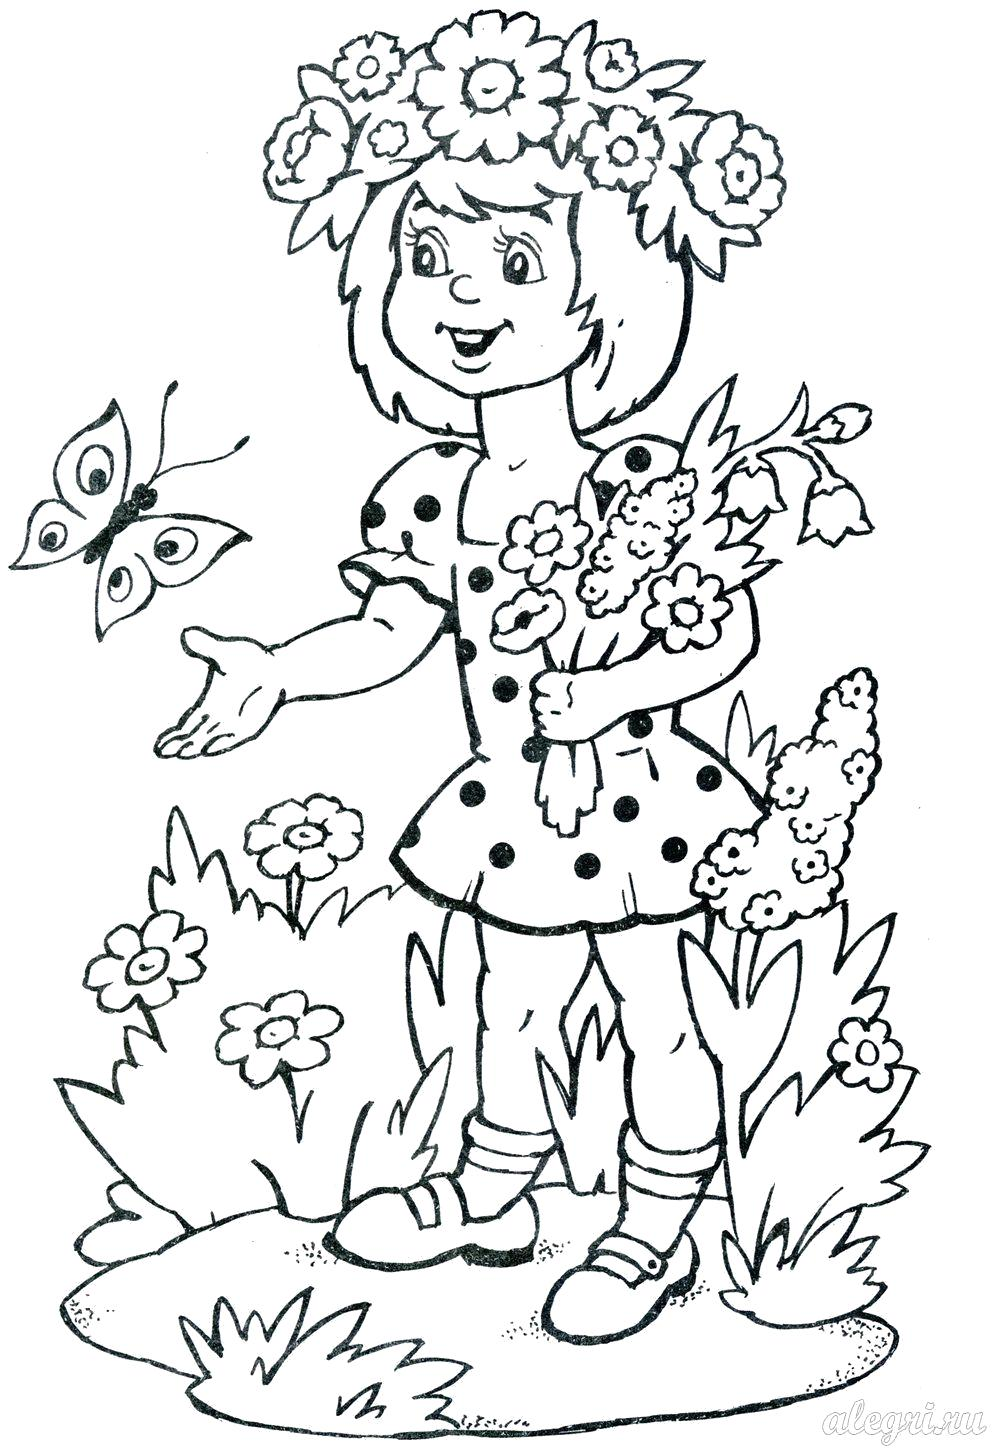 Раскраска  Лето для детей. девочка собрала букет цветов. Бабочка. Скачать Лето.  Распечатать Лето